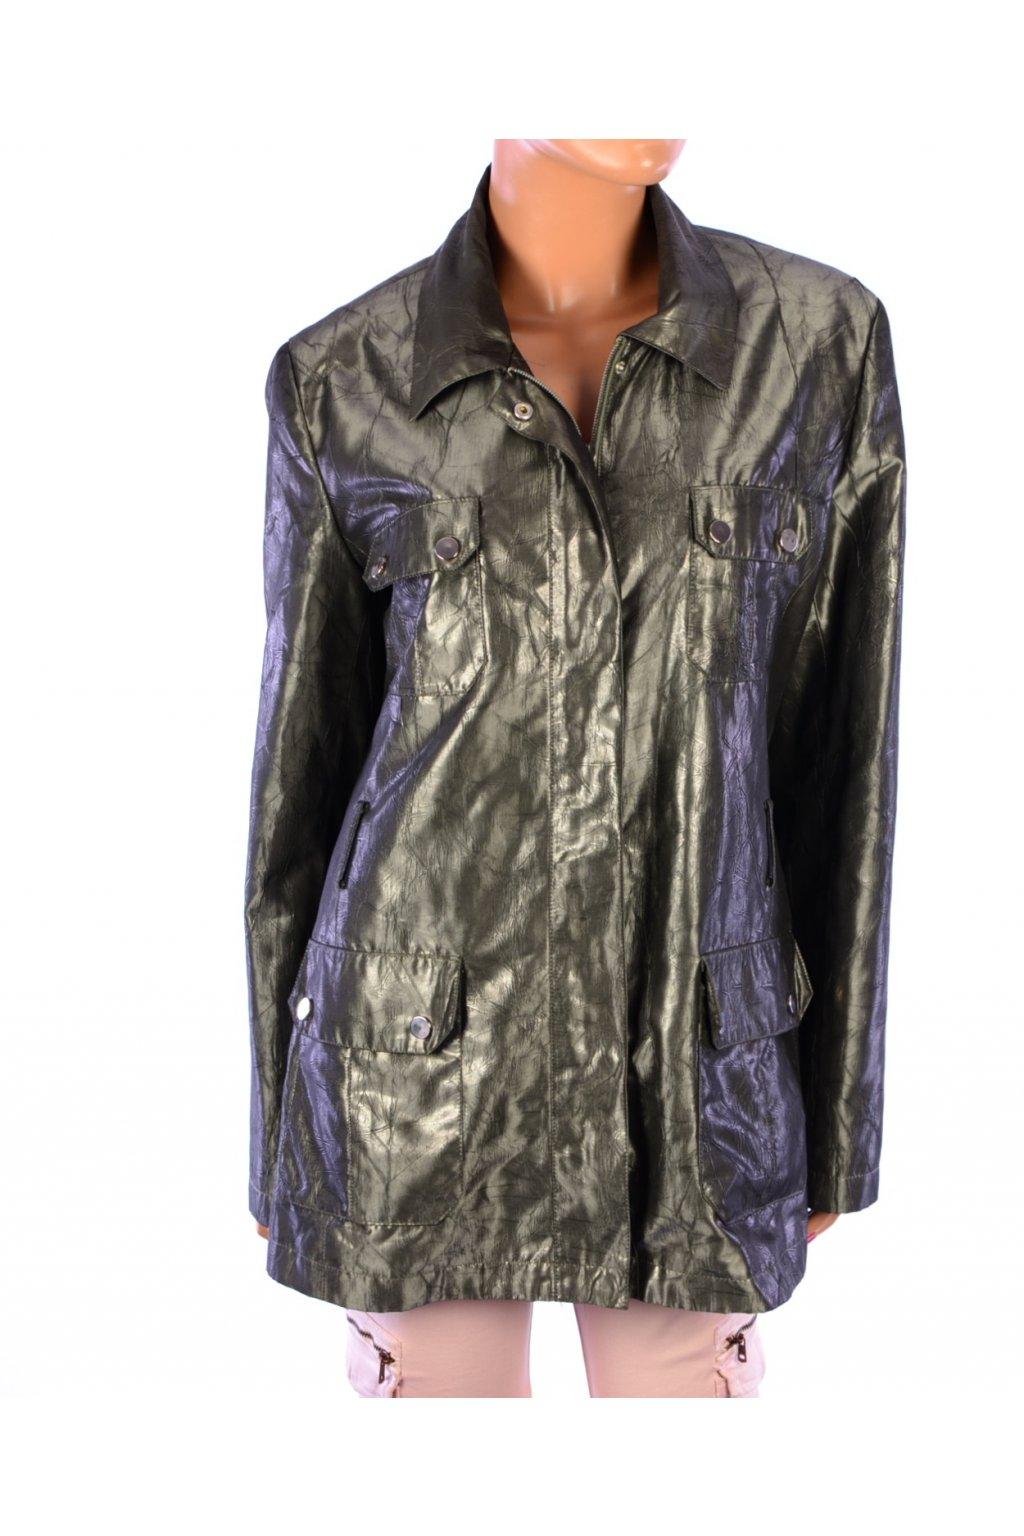 Kabát bunda přechodní zelená lesklá se zvířecím vzorem vel. 42 / M